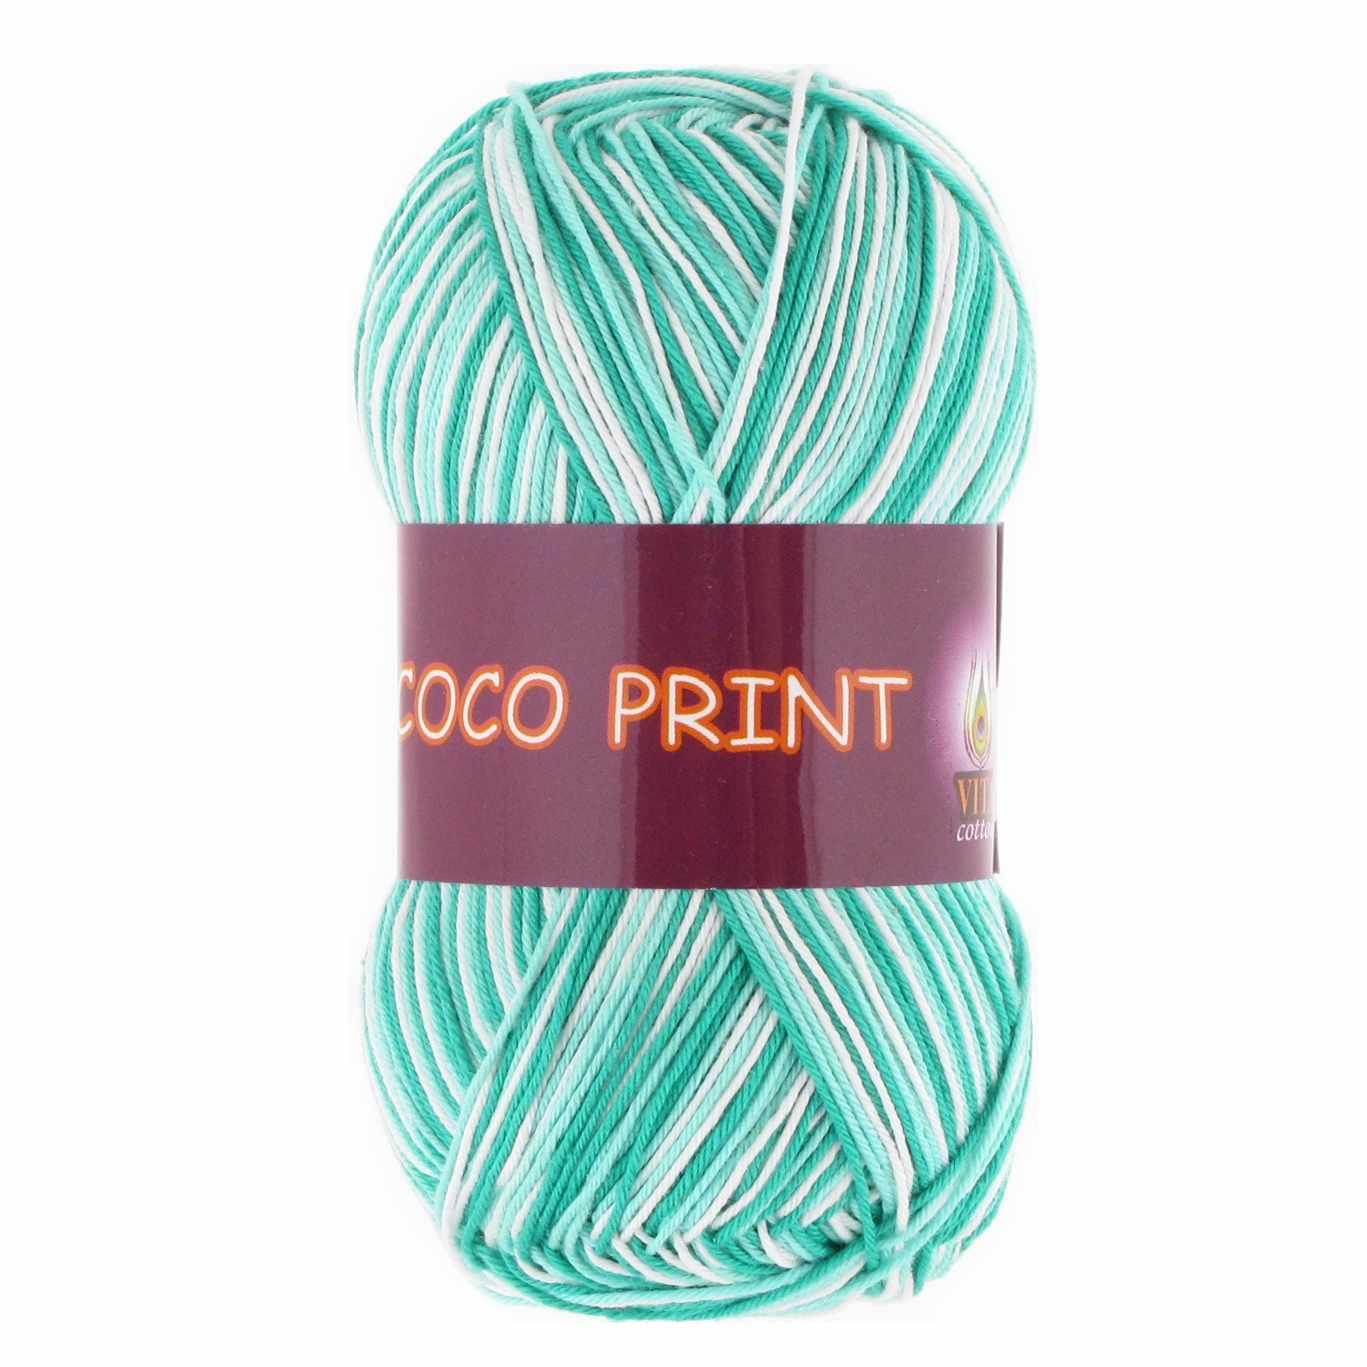 Пряжа VITA Coco print Цвет.4675 Зеленая бирюза